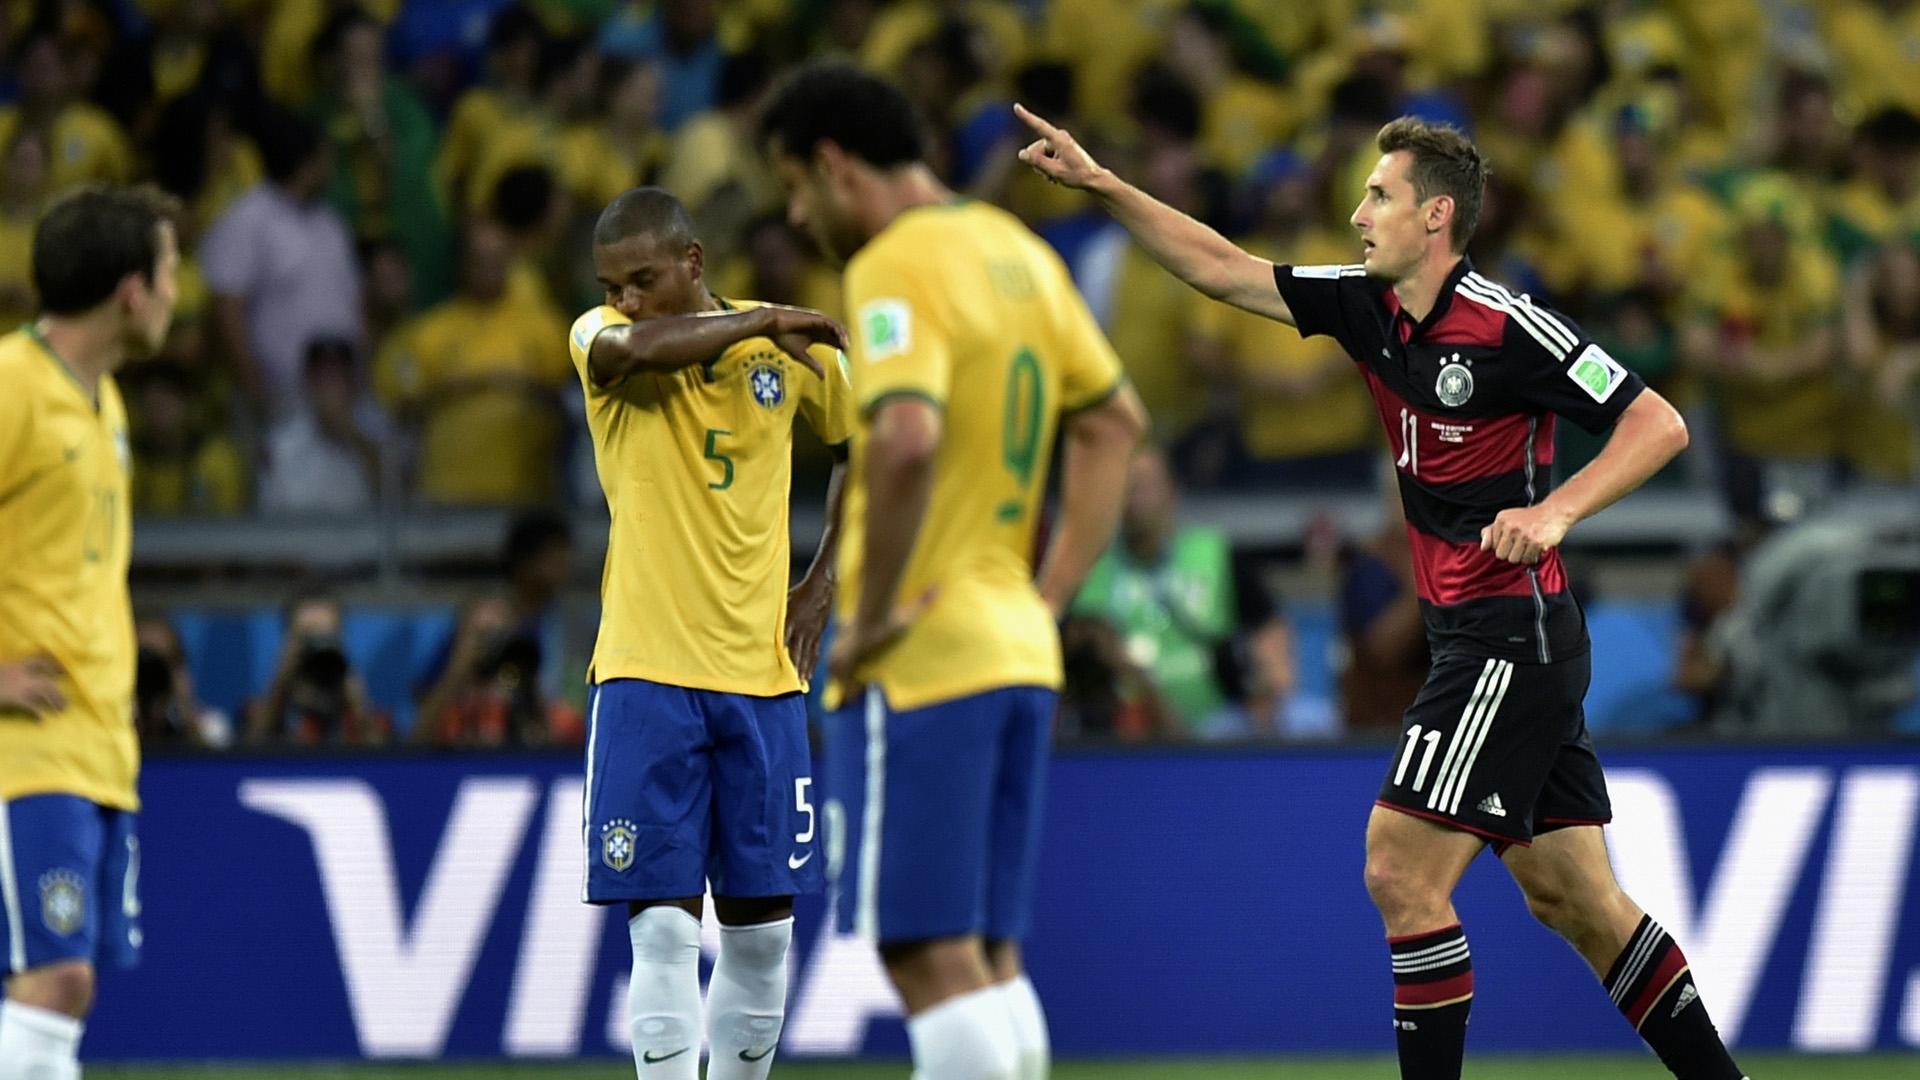 Miroslav-Klose-FTR-070714.jpg